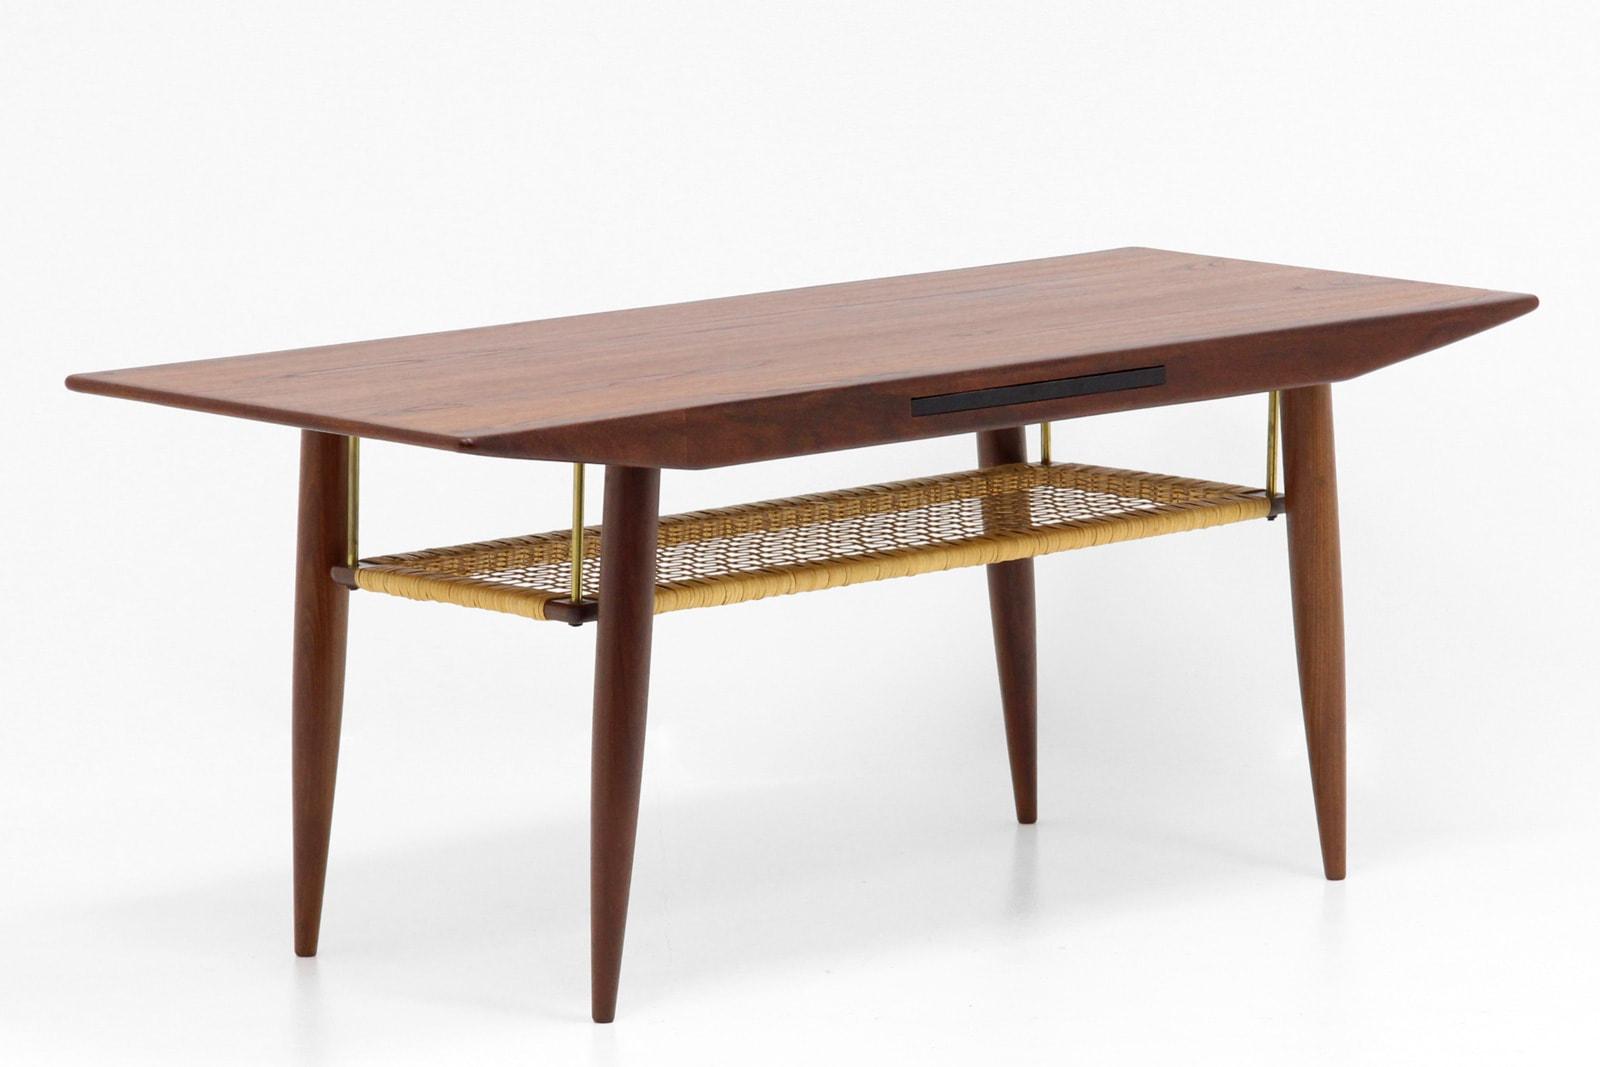 ヴィンテージ,北欧,家具,コーヒーテーブル,籐,棚付き